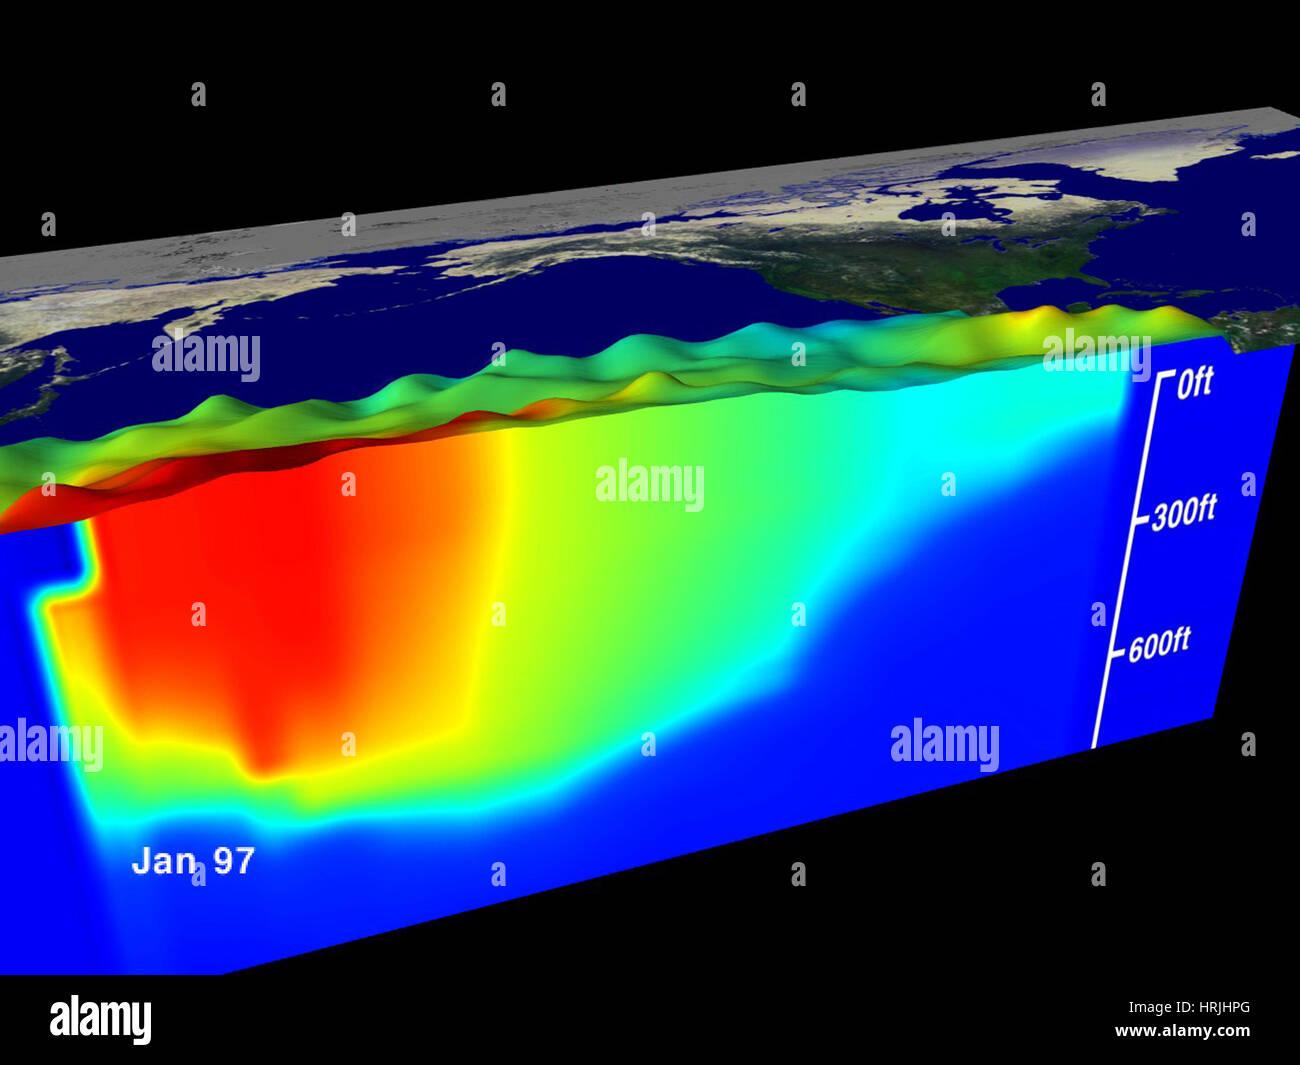 El Ni̱o, mediciones de la superficie del mar, enero de 1997. Imagen De Stock